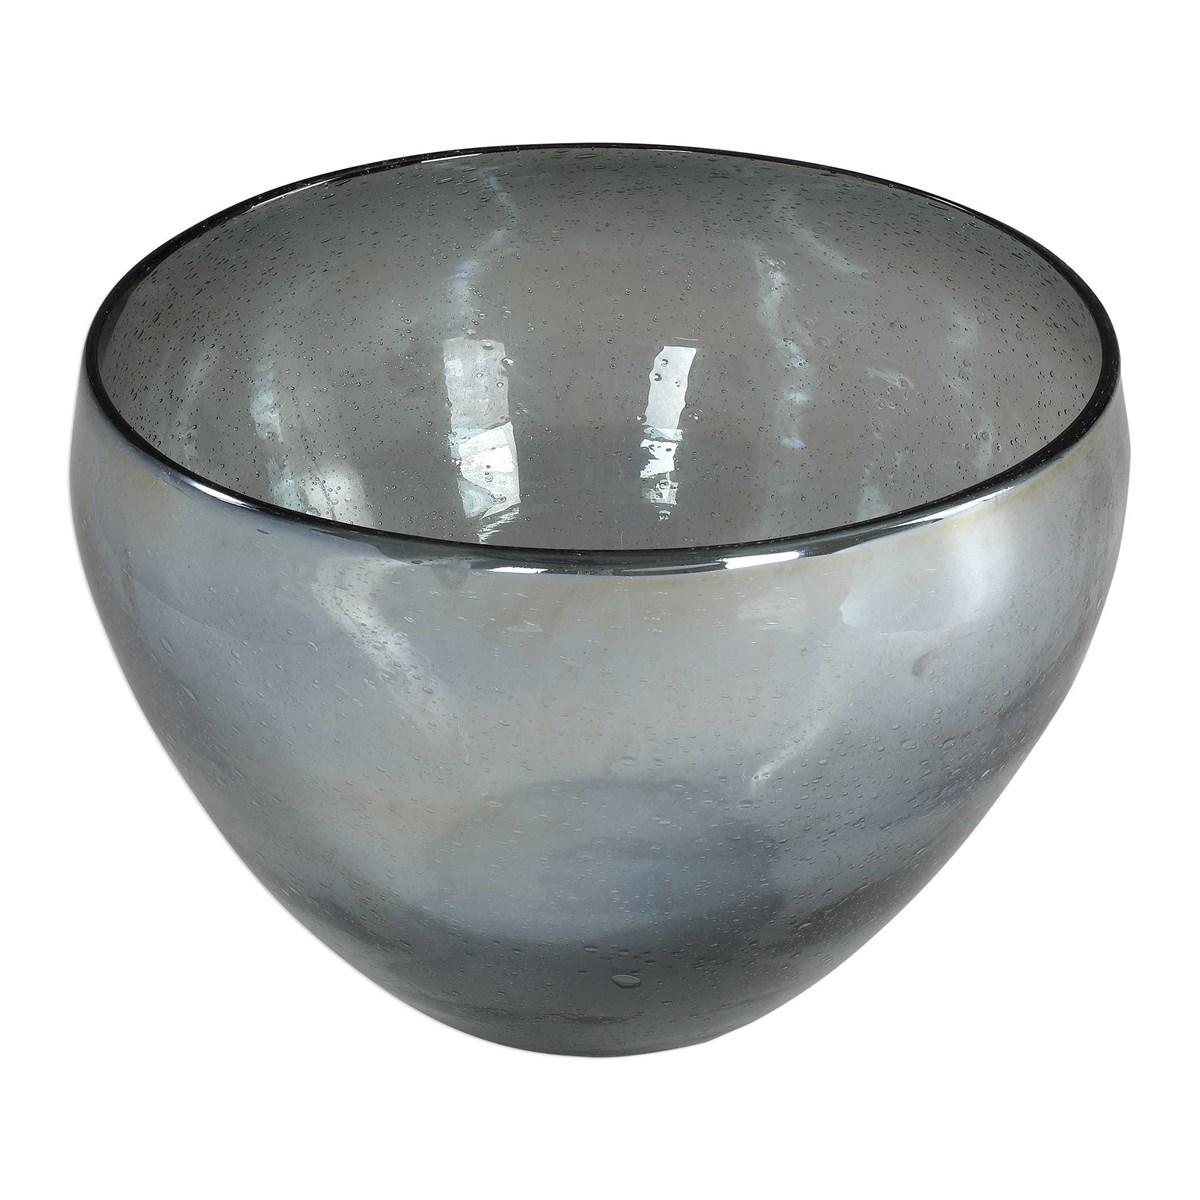 Zaya Bowl